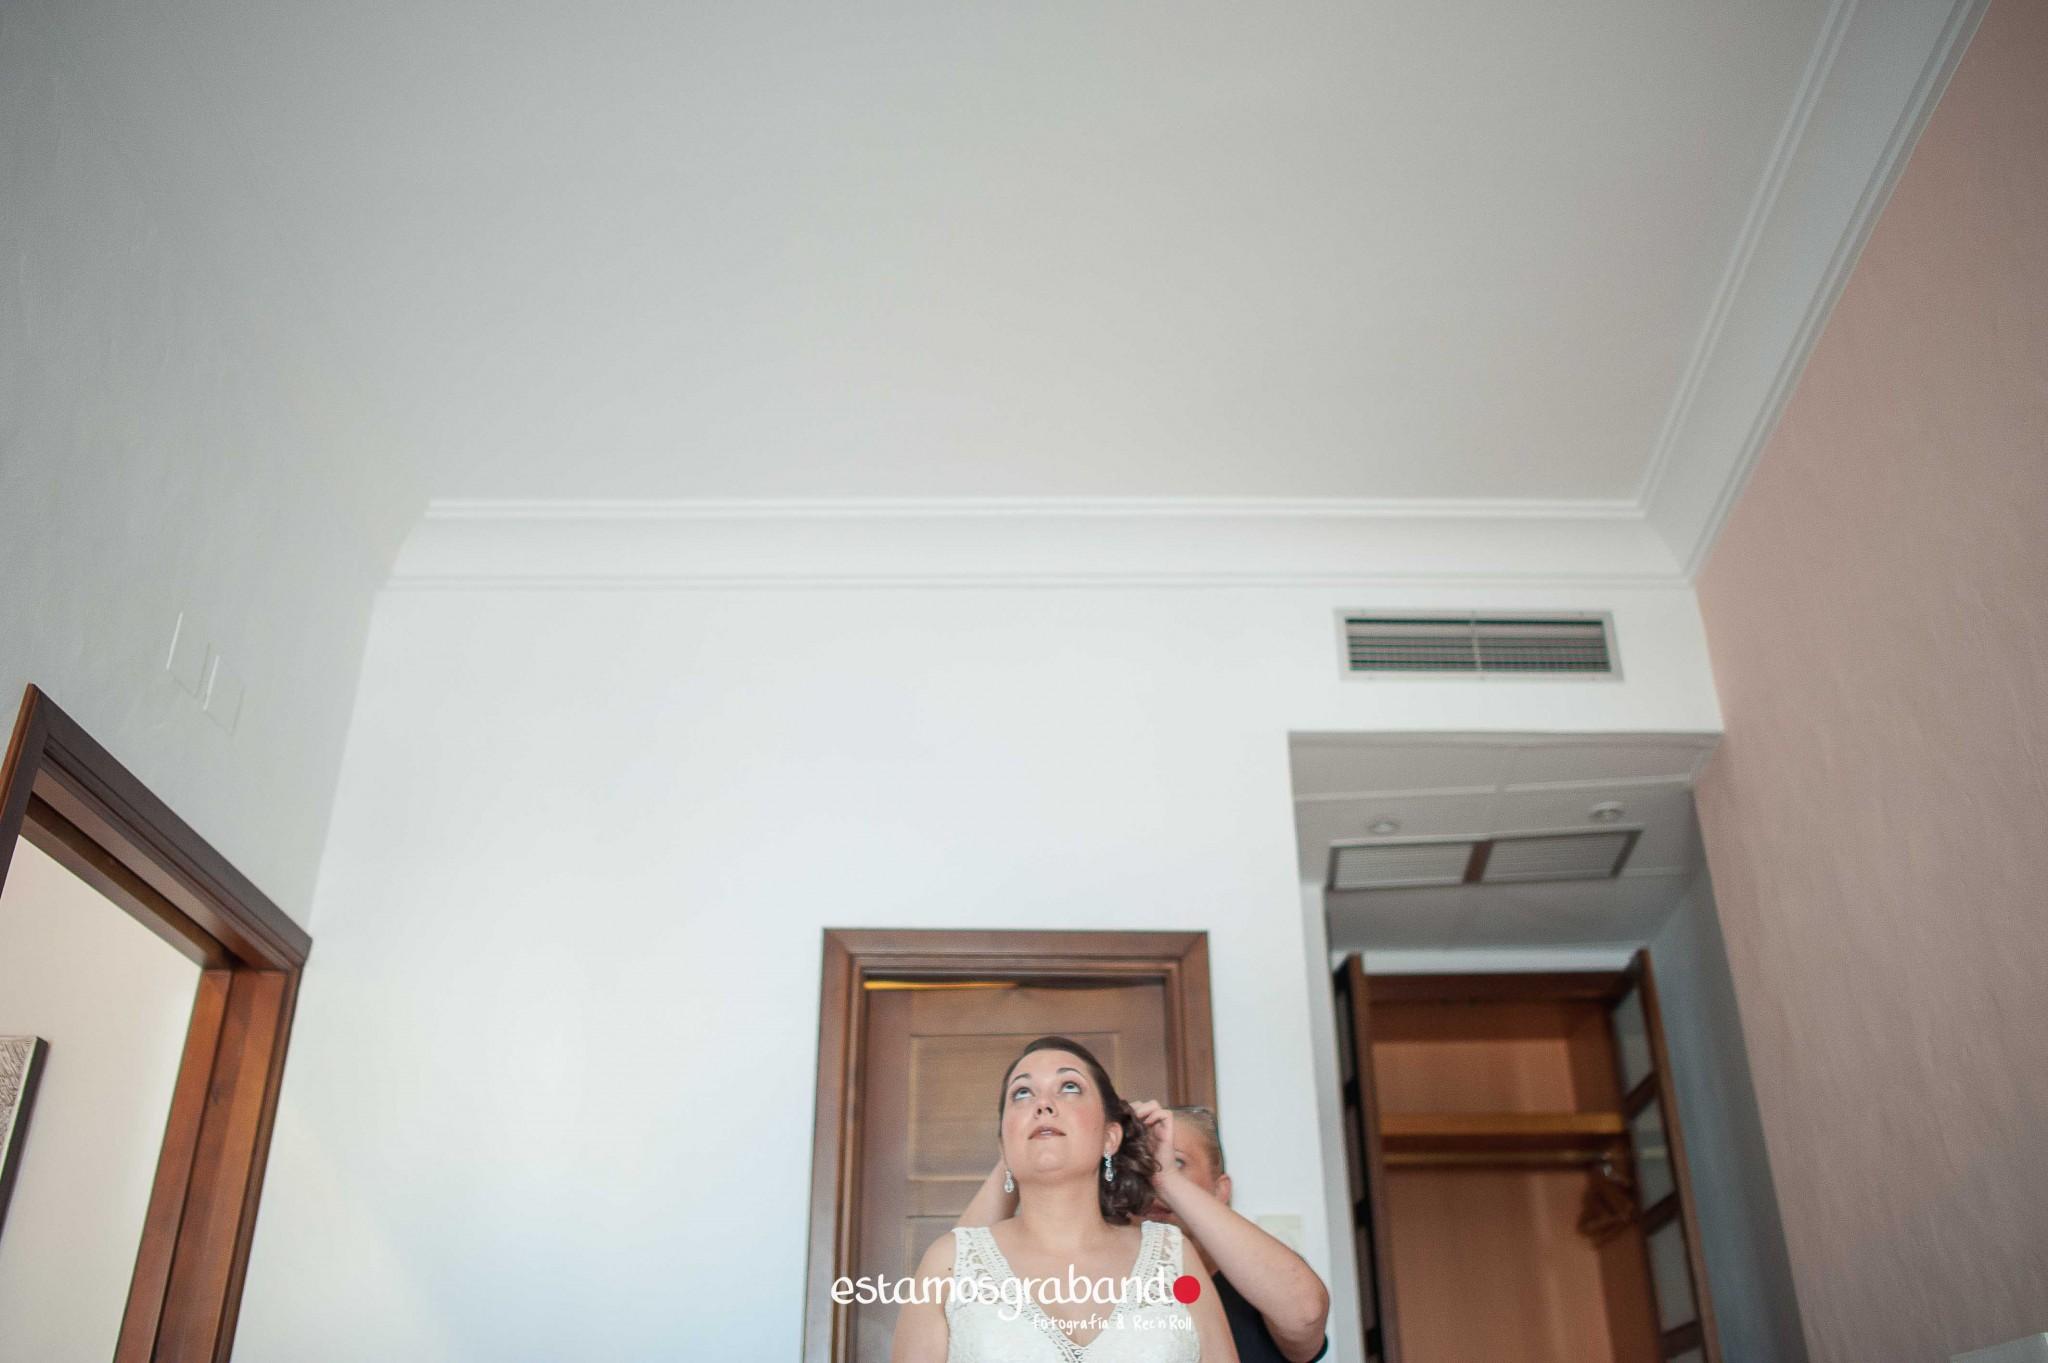 boda-en-chiclana_sonia-y-diego_fotograficc81a-de-boda-26 Zahara Sonia + Diego [Fotografía de Boda en Zahara] - video boda cadiz